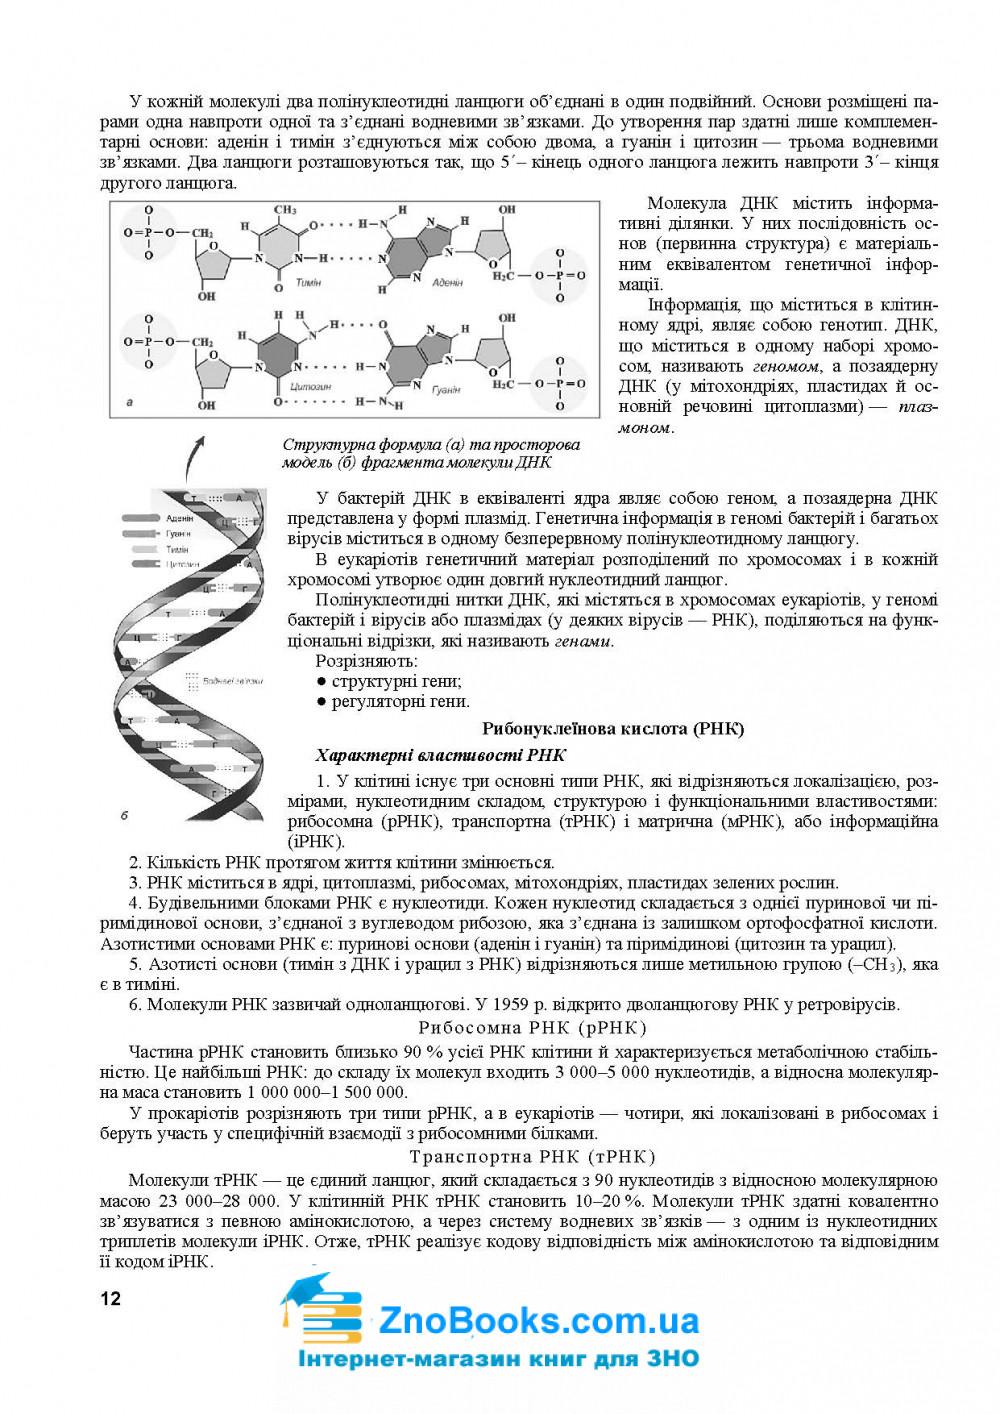 Біологія в таблицях і схемах до ЗНО 2021 : Барна І. Підручники і посібники 9